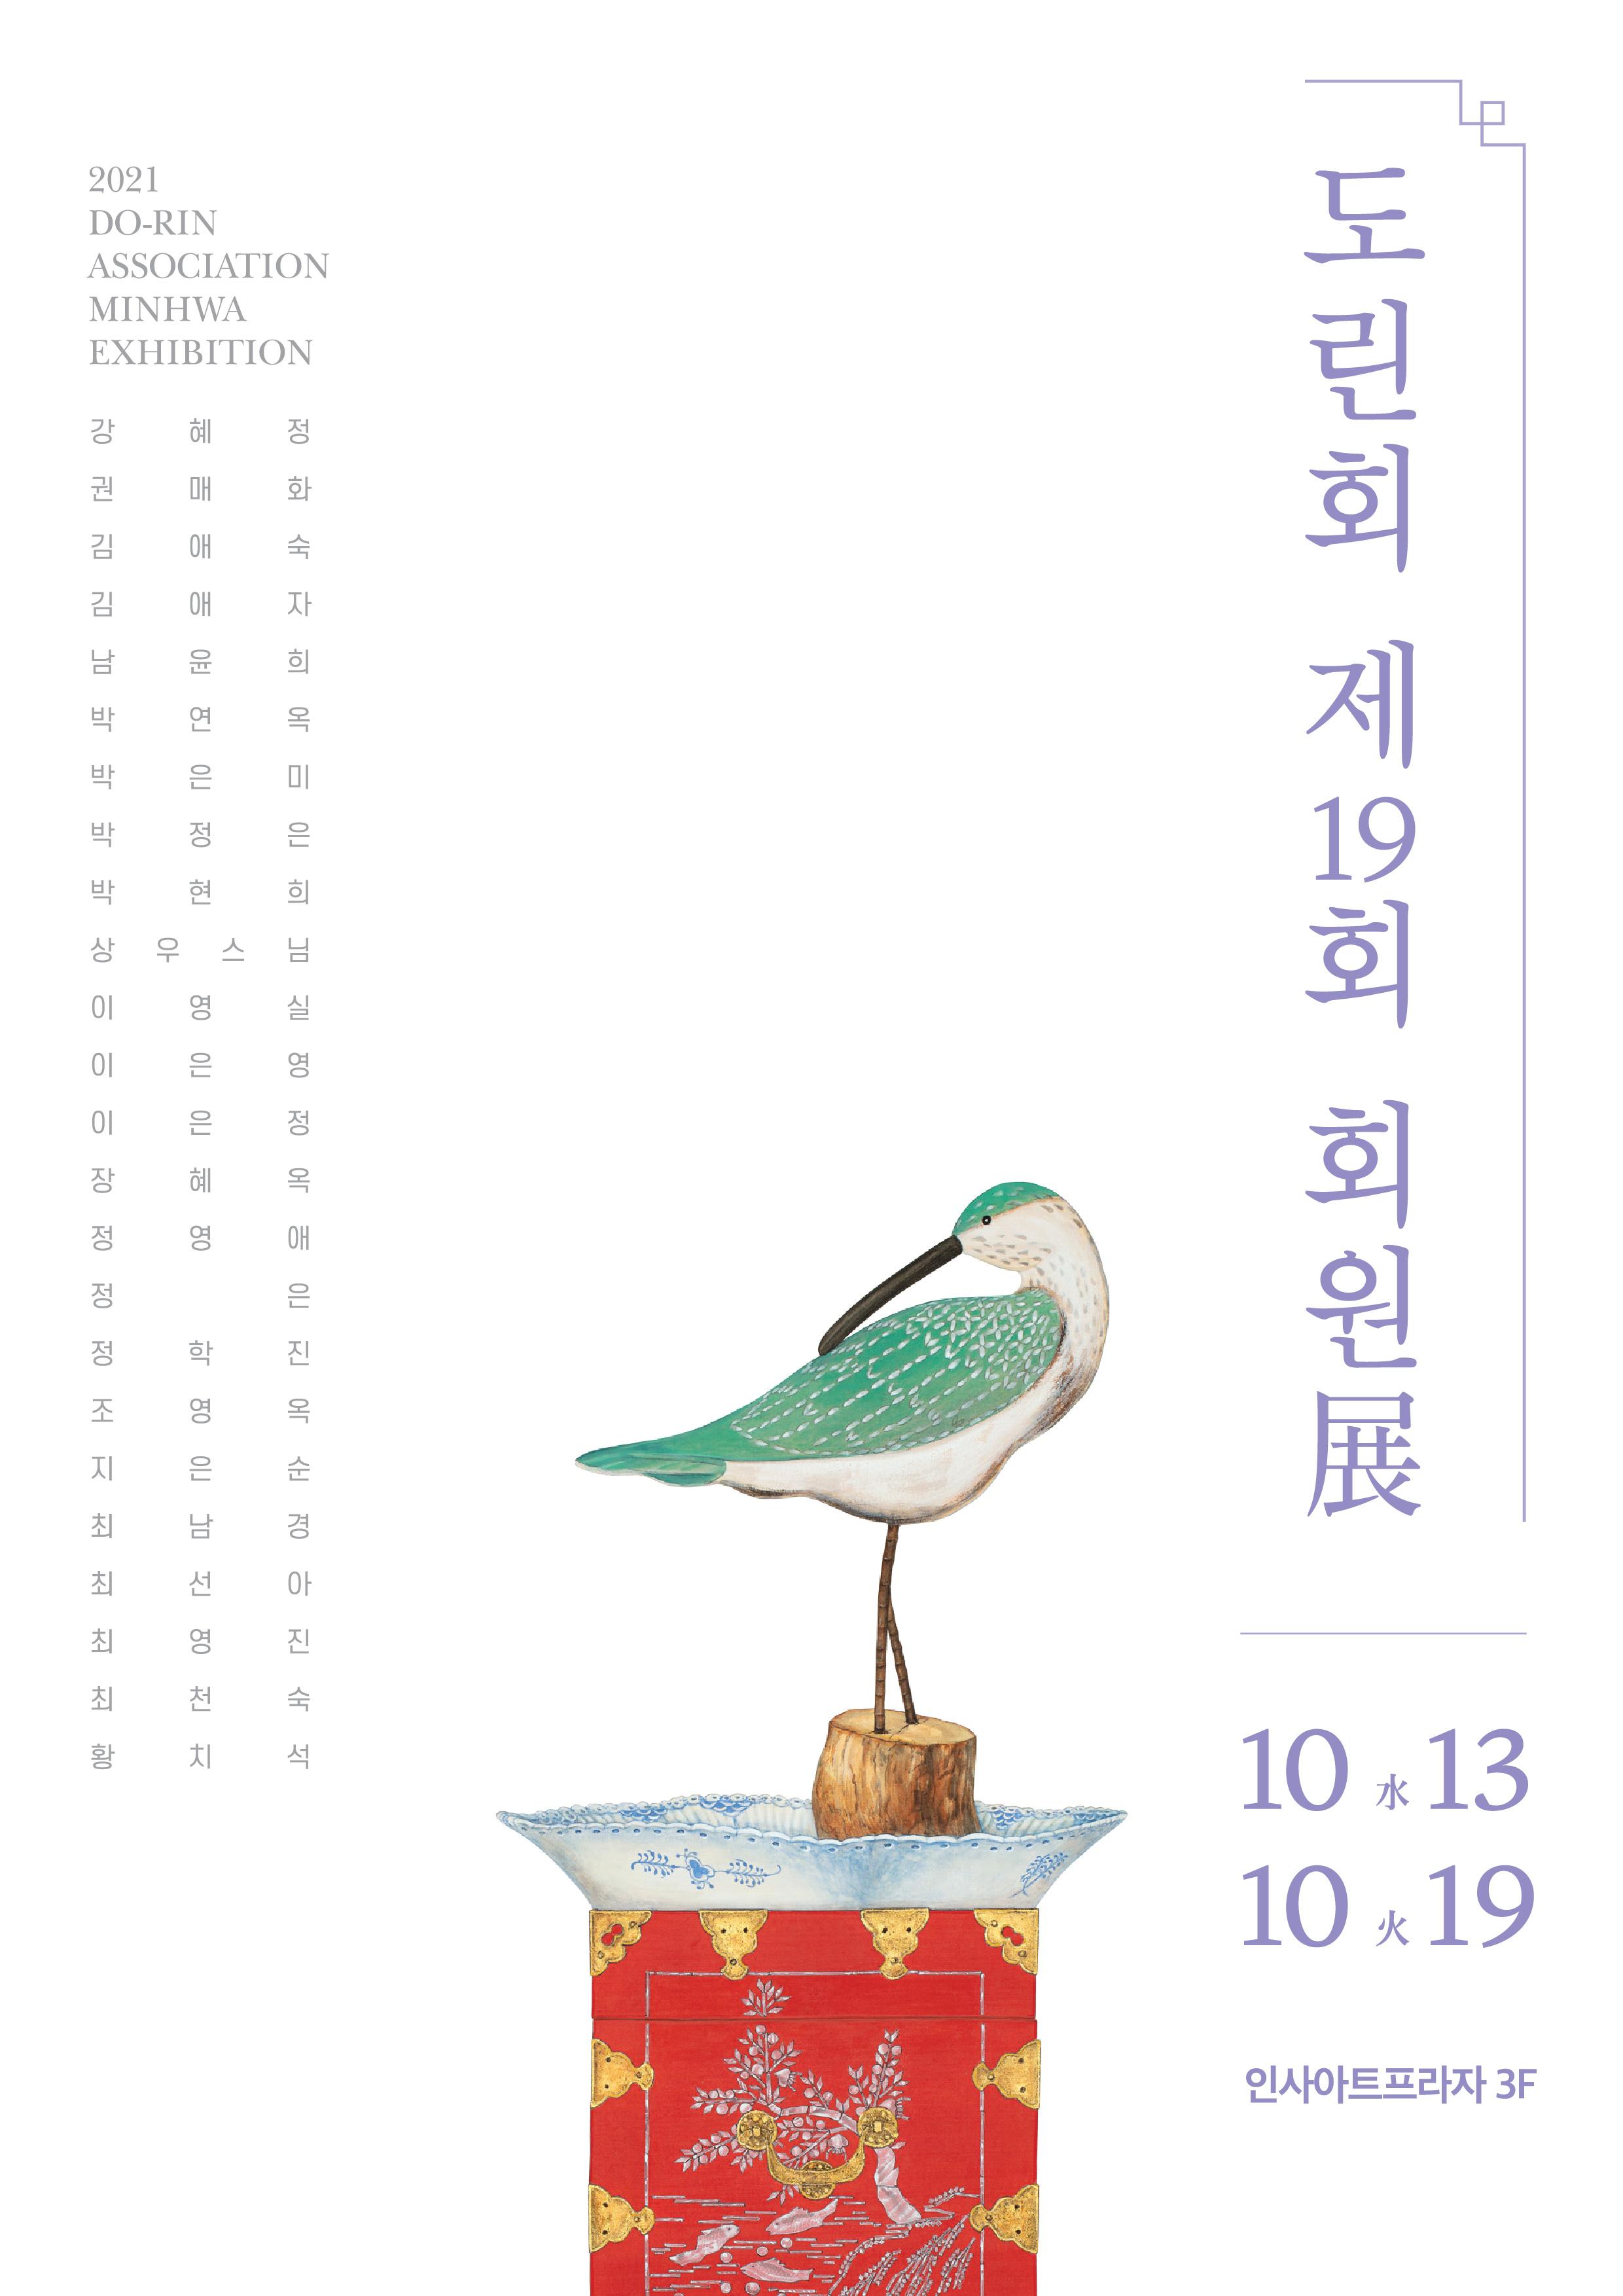 21.10.13-19_전시_포스터-03.jpg